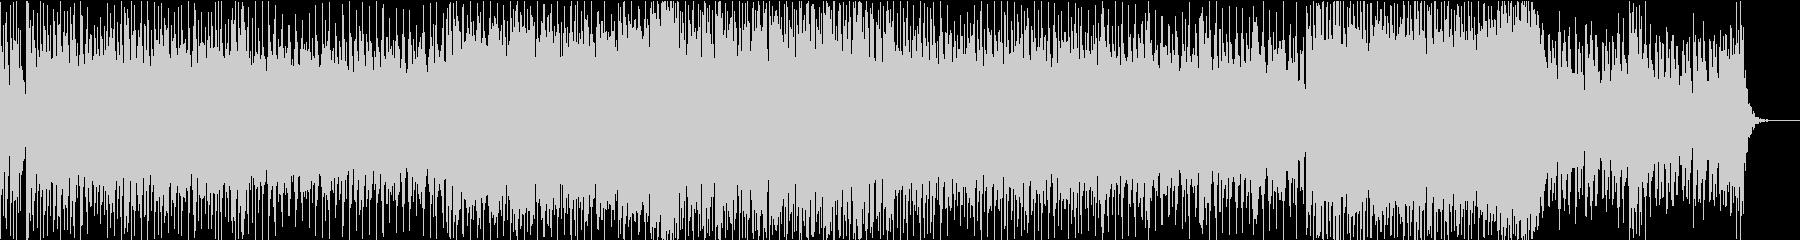 和楽器を使った四つ打ちEDMの未再生の波形